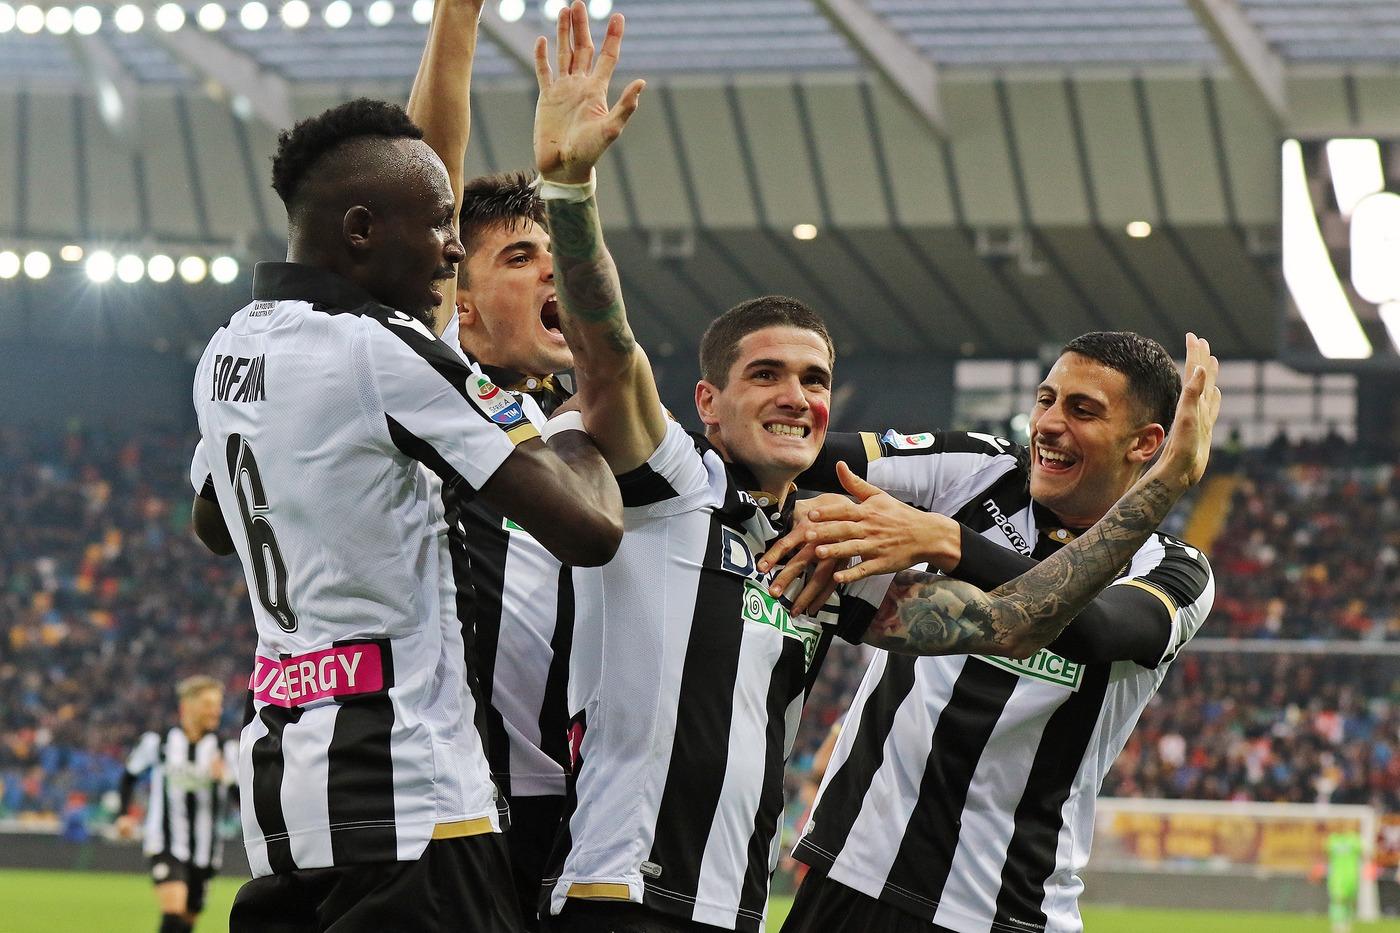 Serie A, Udinese-Chievo Verona domenica 17 febbraio: analisi e pronostico della 24ma giornata del campionato italiano